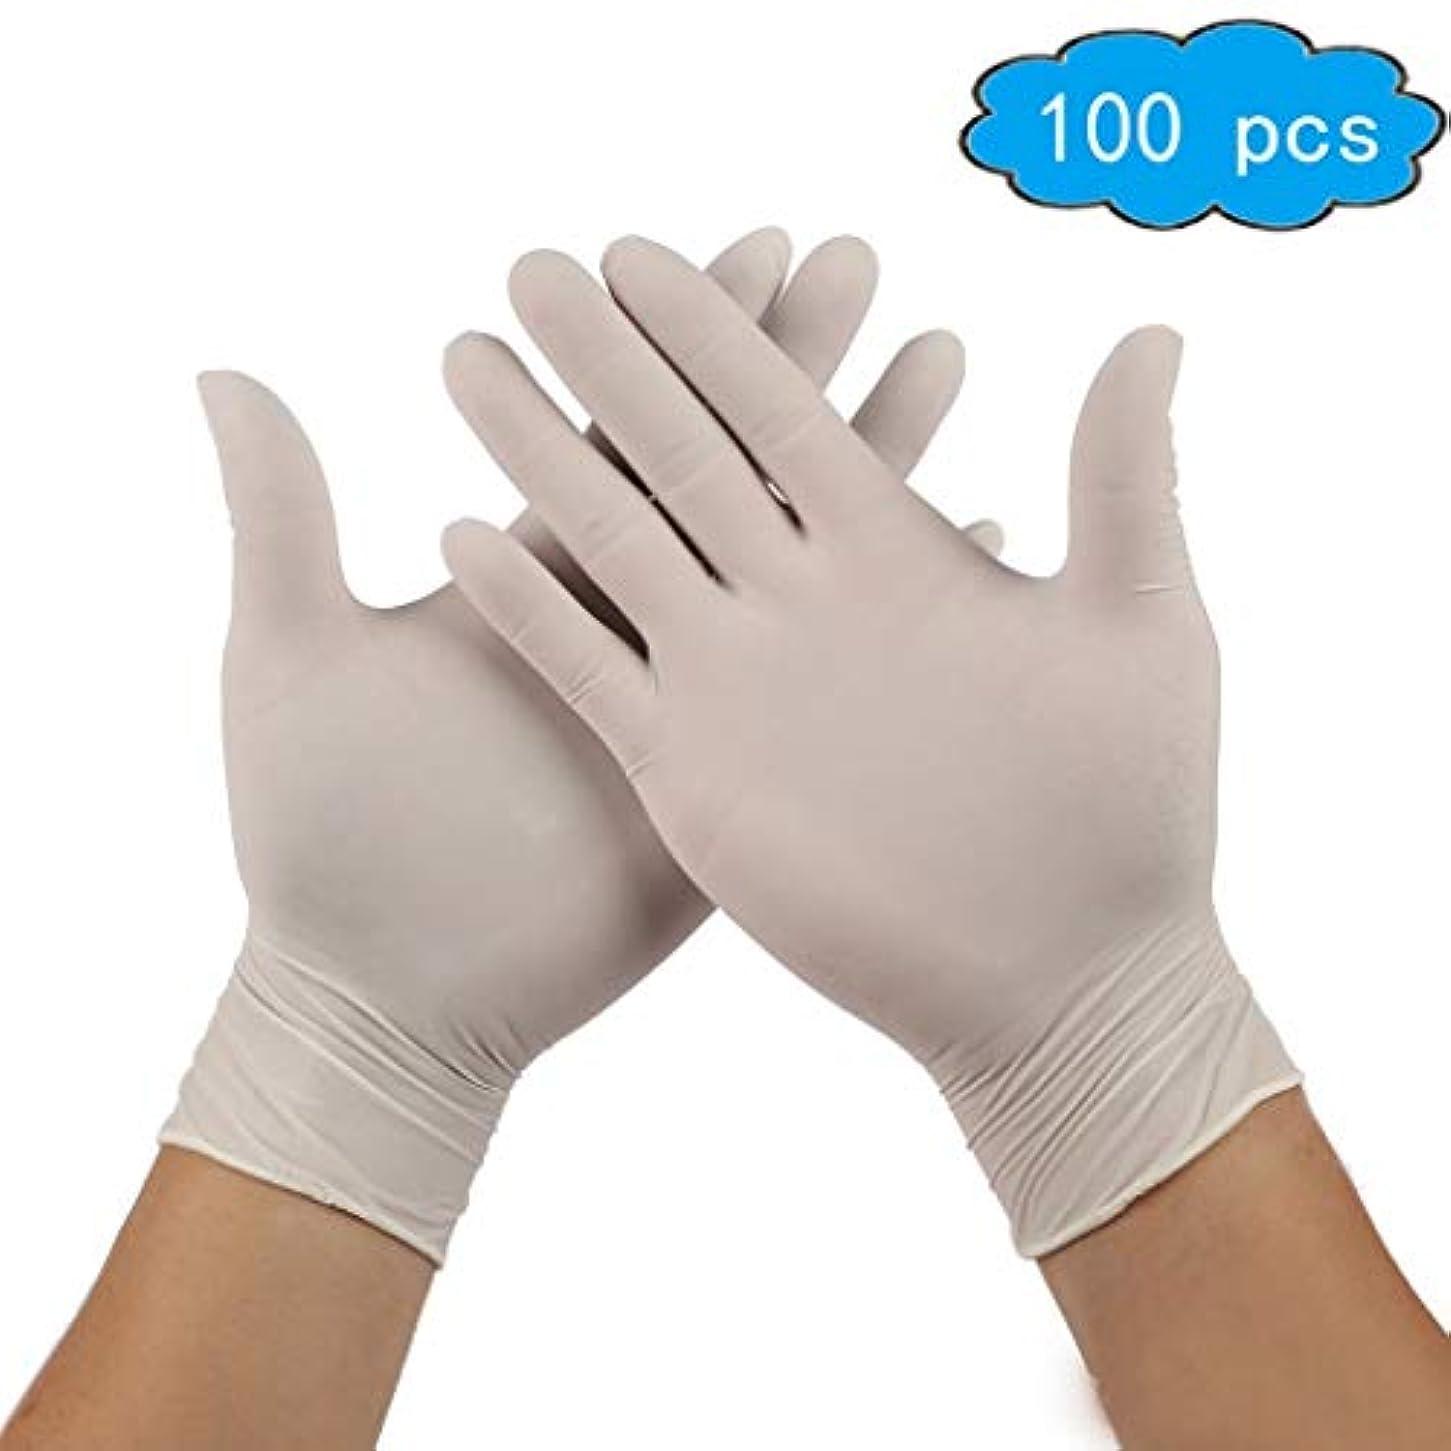 議会夏低い使い捨てニトリル手袋 - 医療グレード、非滅菌、食品安全、100のパック (Color : White, Size : M)